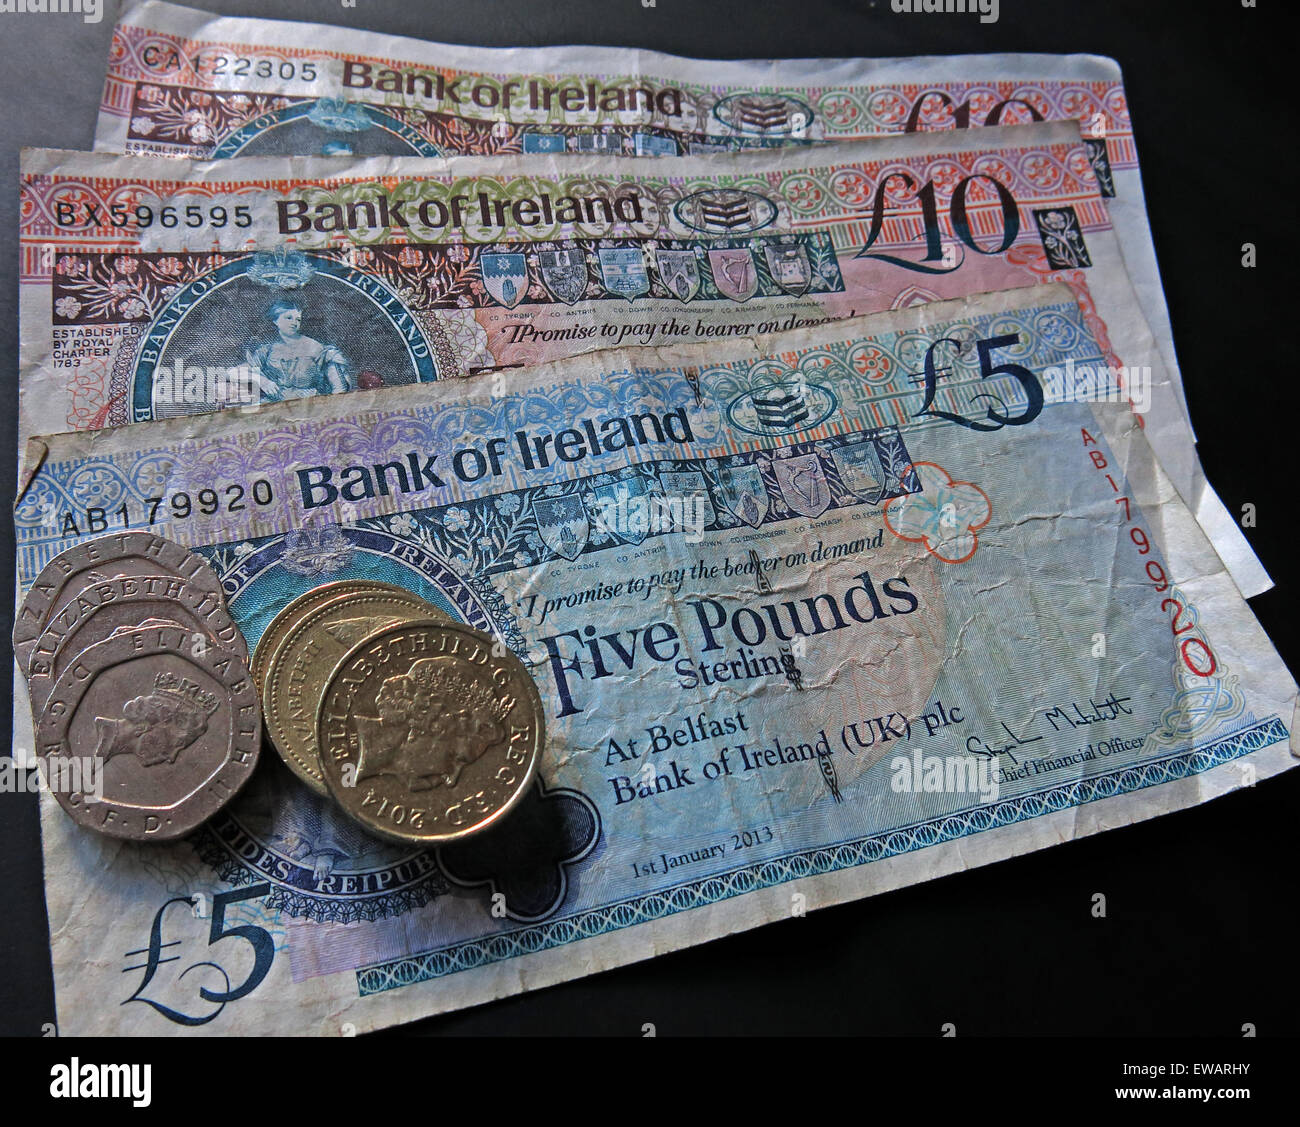 Laden Sie dieses Alamy Stockfoto Nördlichen irischen £5, £10 Notizen und Pfund-Münzen als gesetzliches Zahlungsmittel von der Bank Of Ireland Belfast - EWARHY